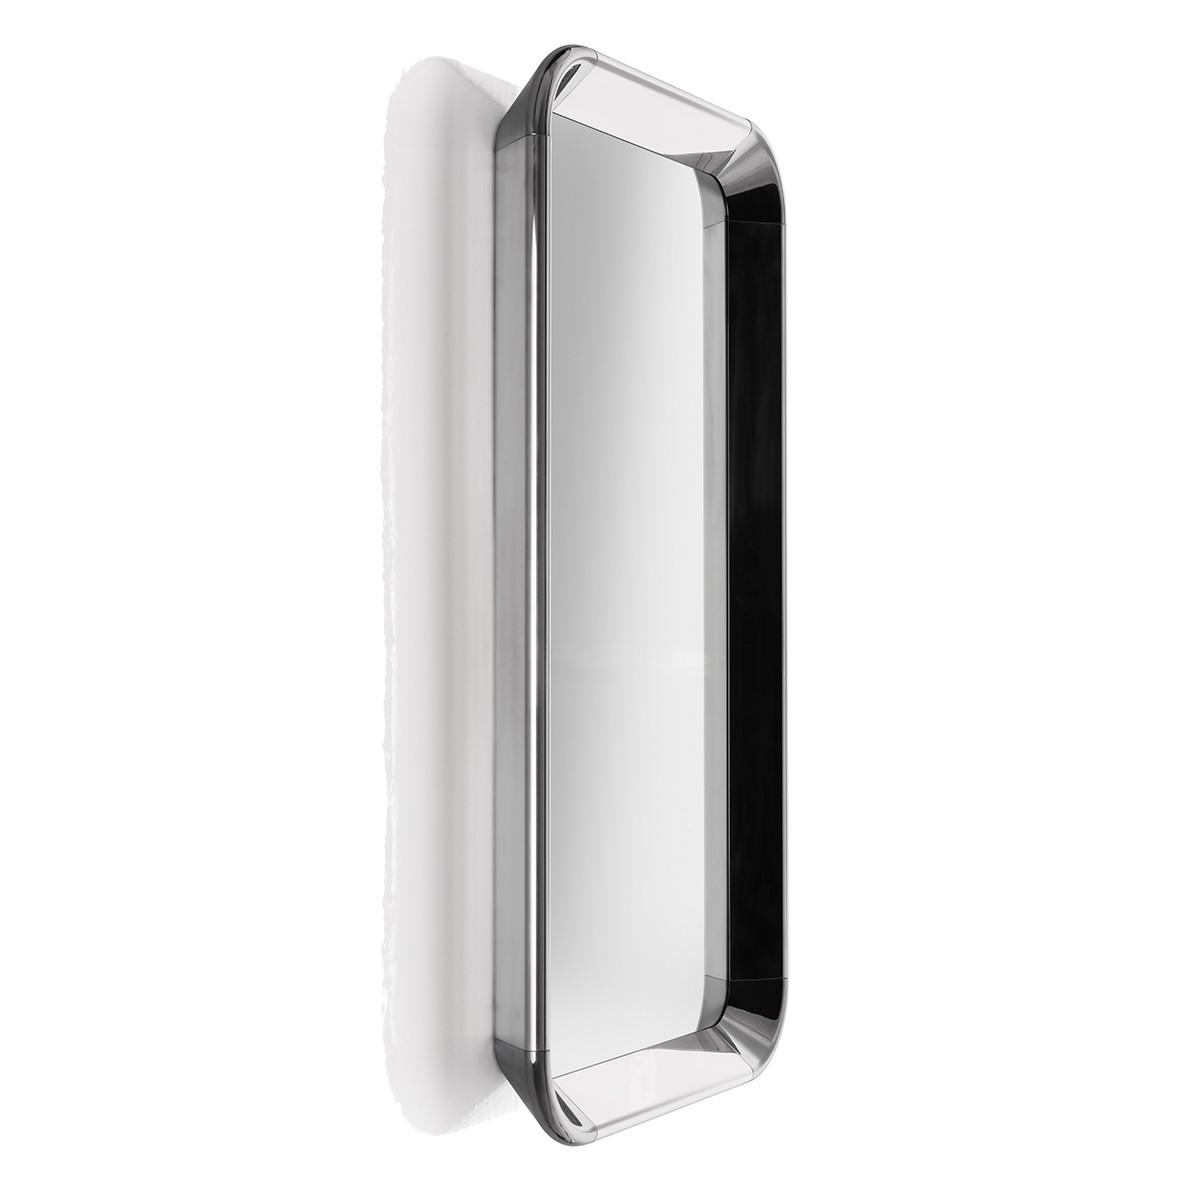 MAGIS Déjà-vu Wandspiegel 137 cm, Aluminium poliert | CASA.DE